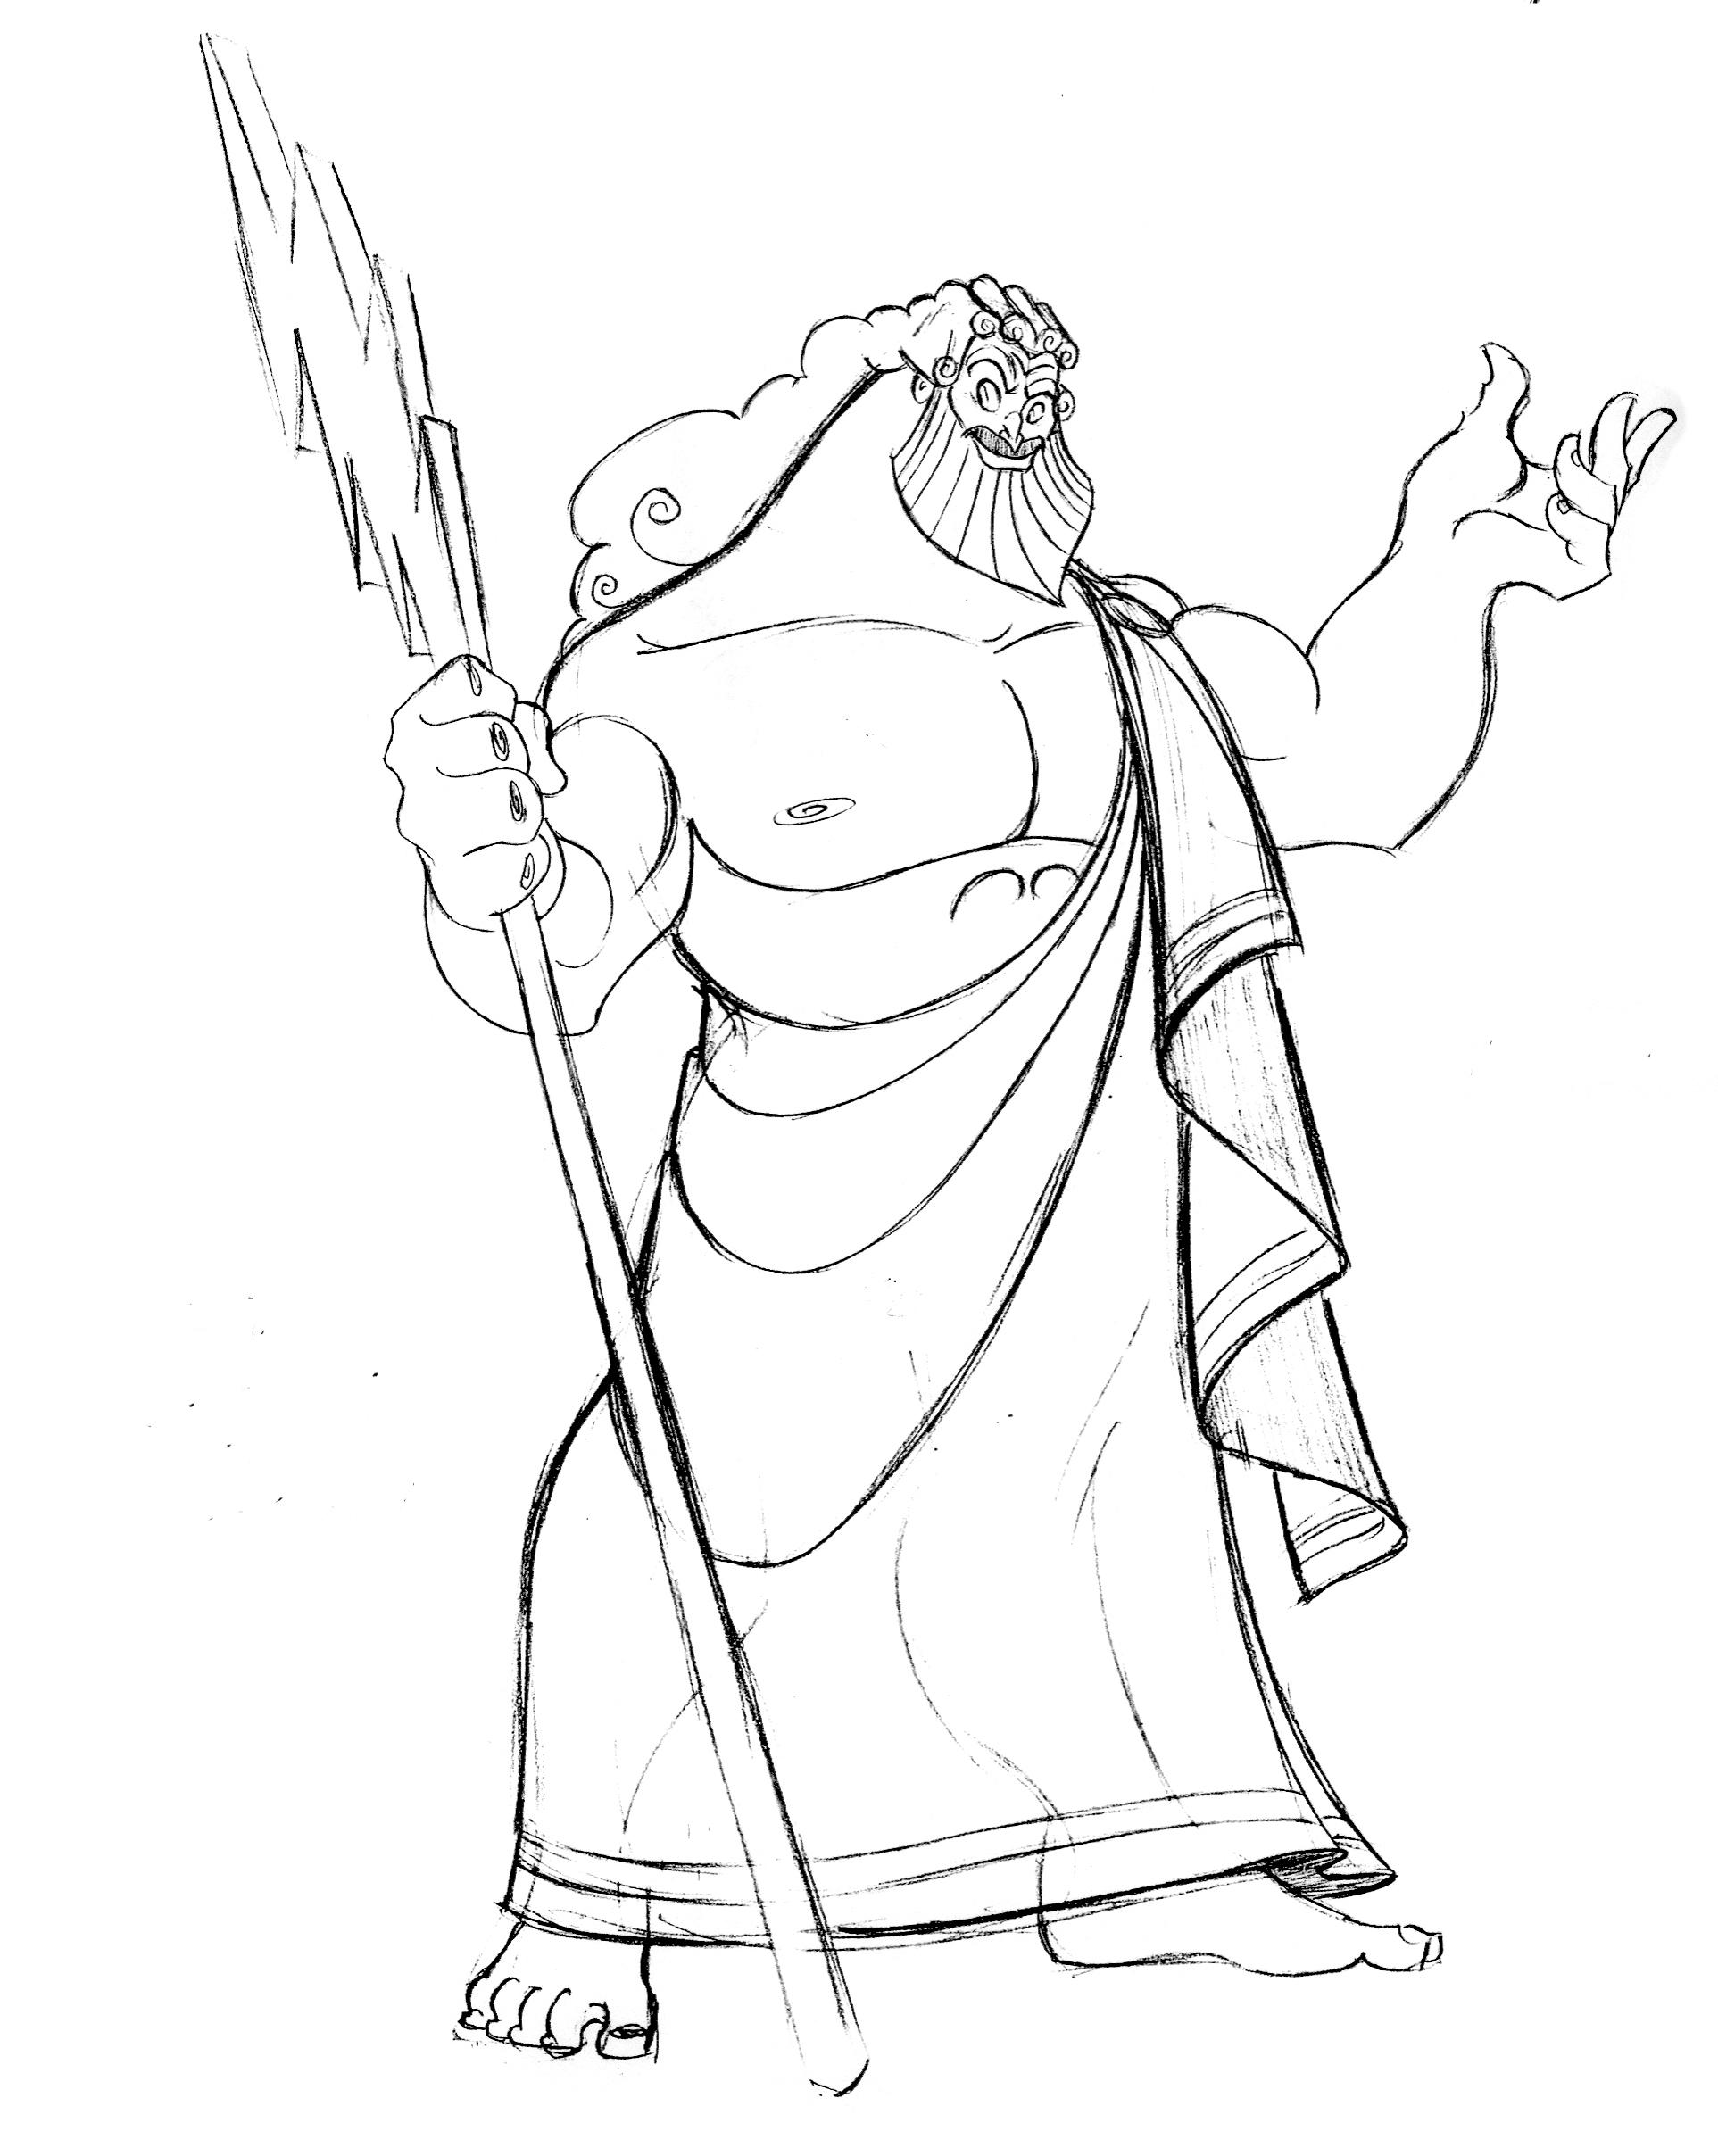 greek gods coloring pages zeus - photo#29